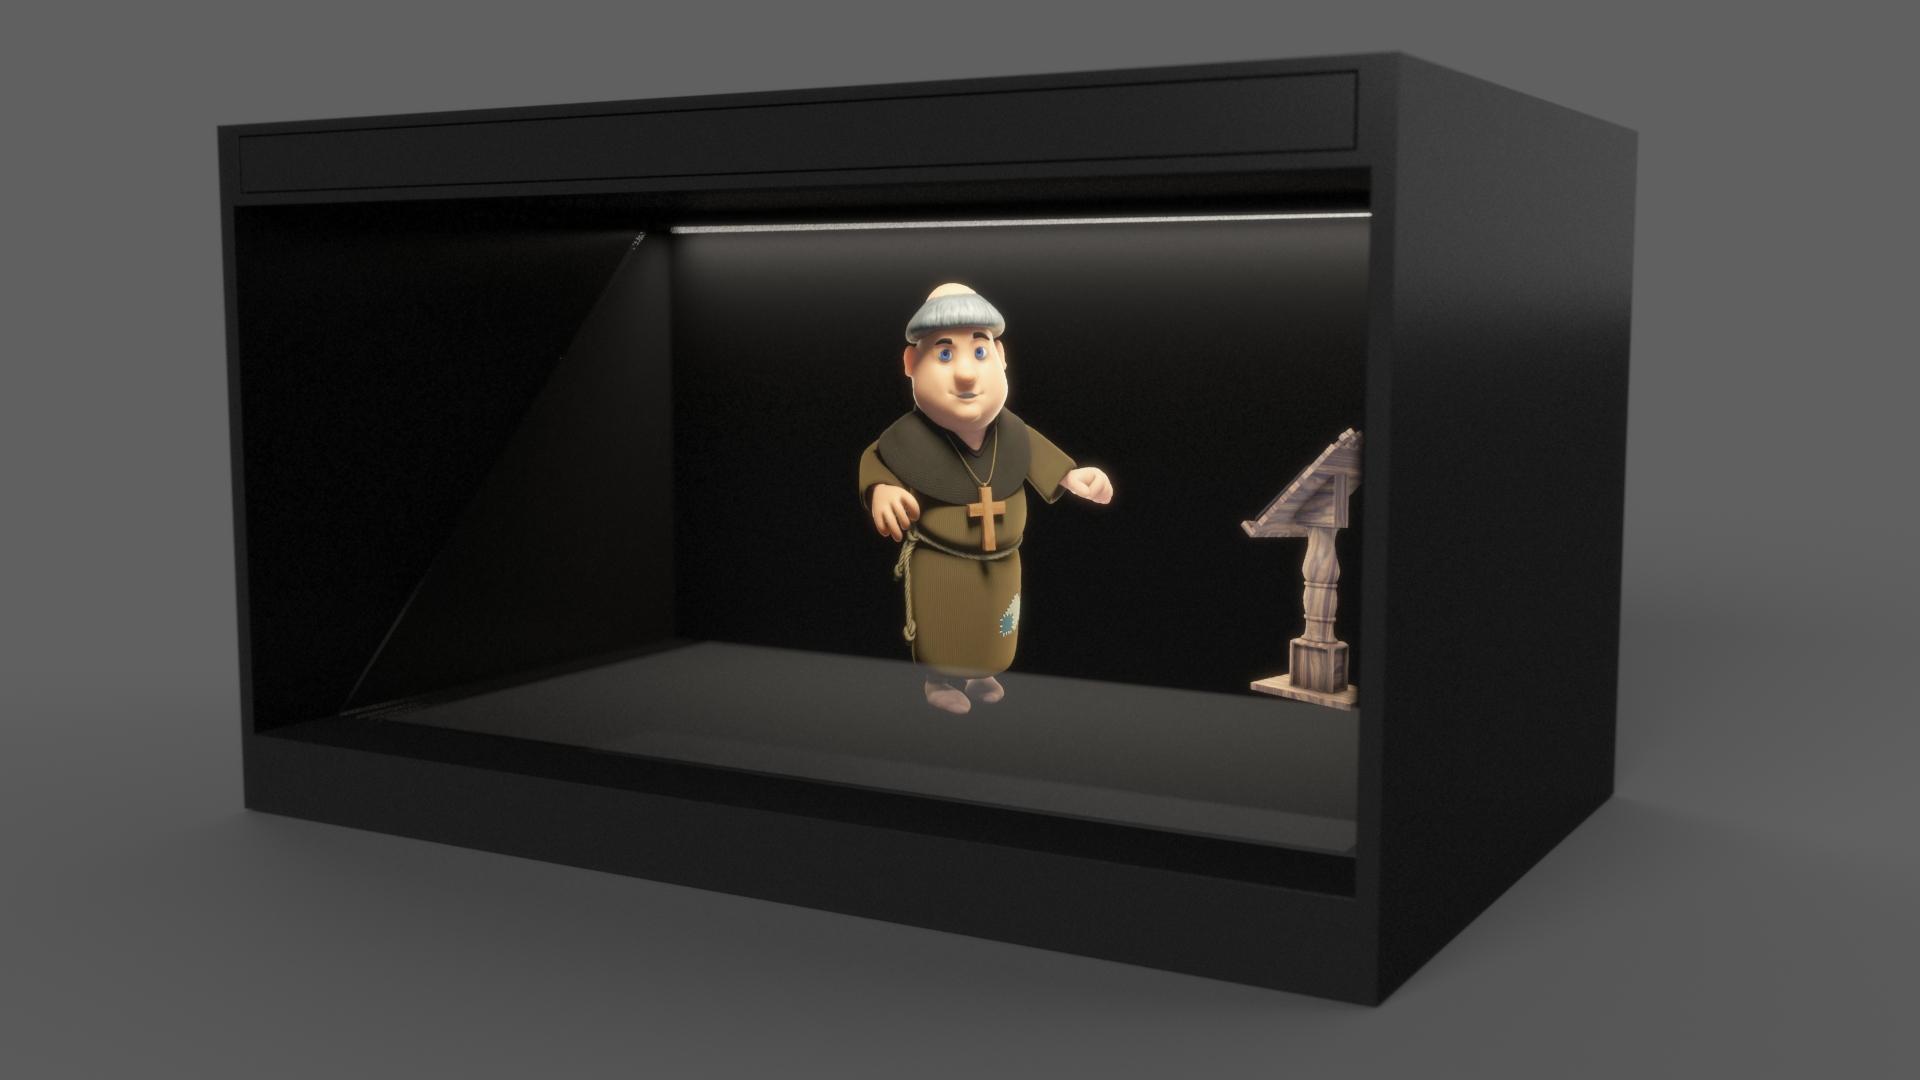 hologramme vitrine d'un moine